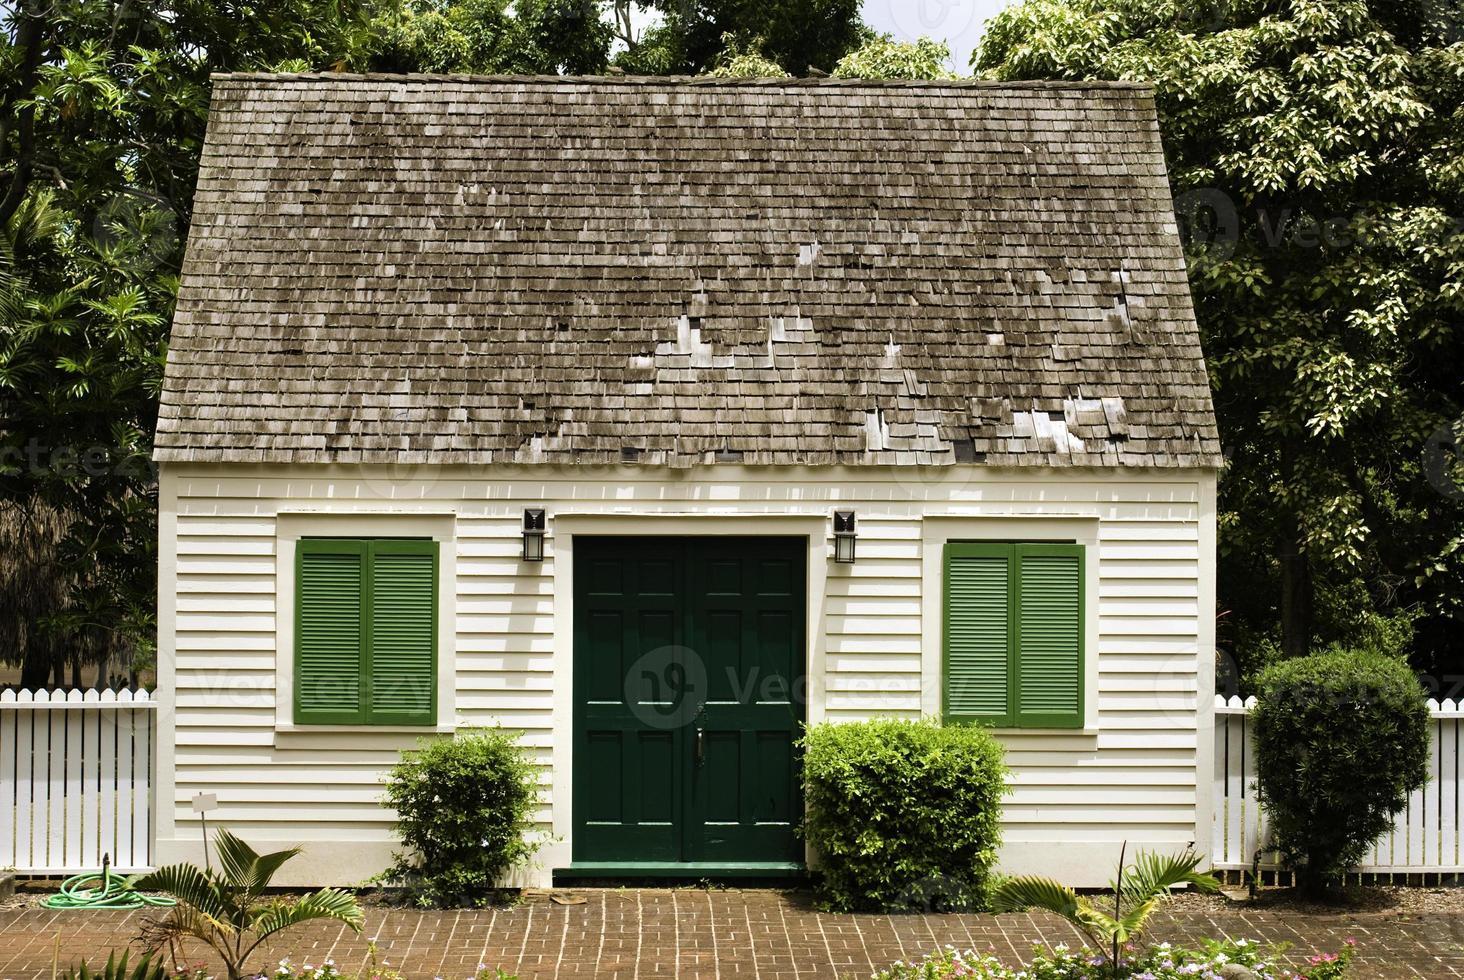 piccola casa con cortile in mattoni e staccionata bianca foto